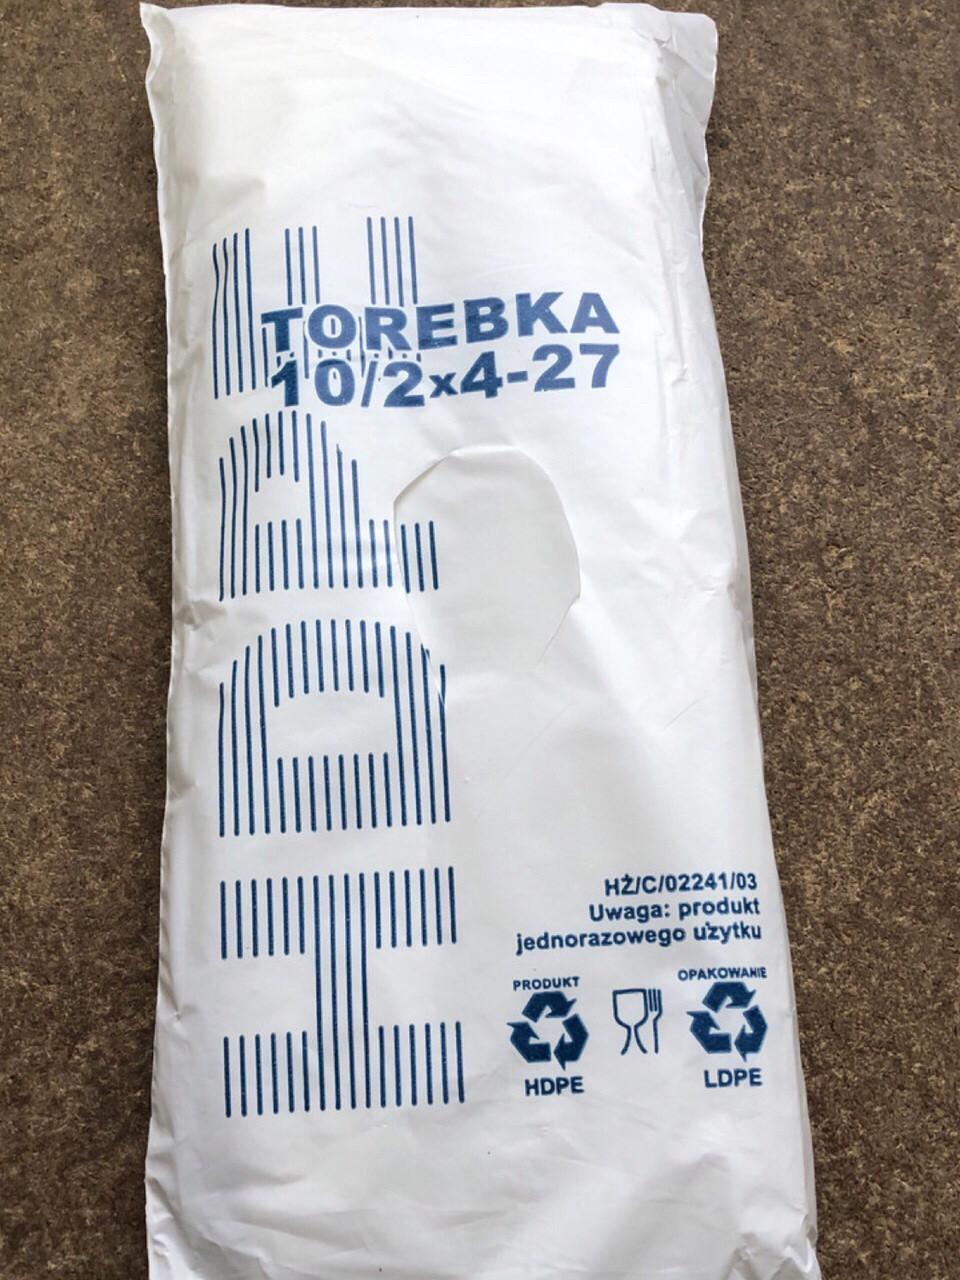 Пакет фасовочный HDPE TOREBKA 10/2*4-27 см без ручек